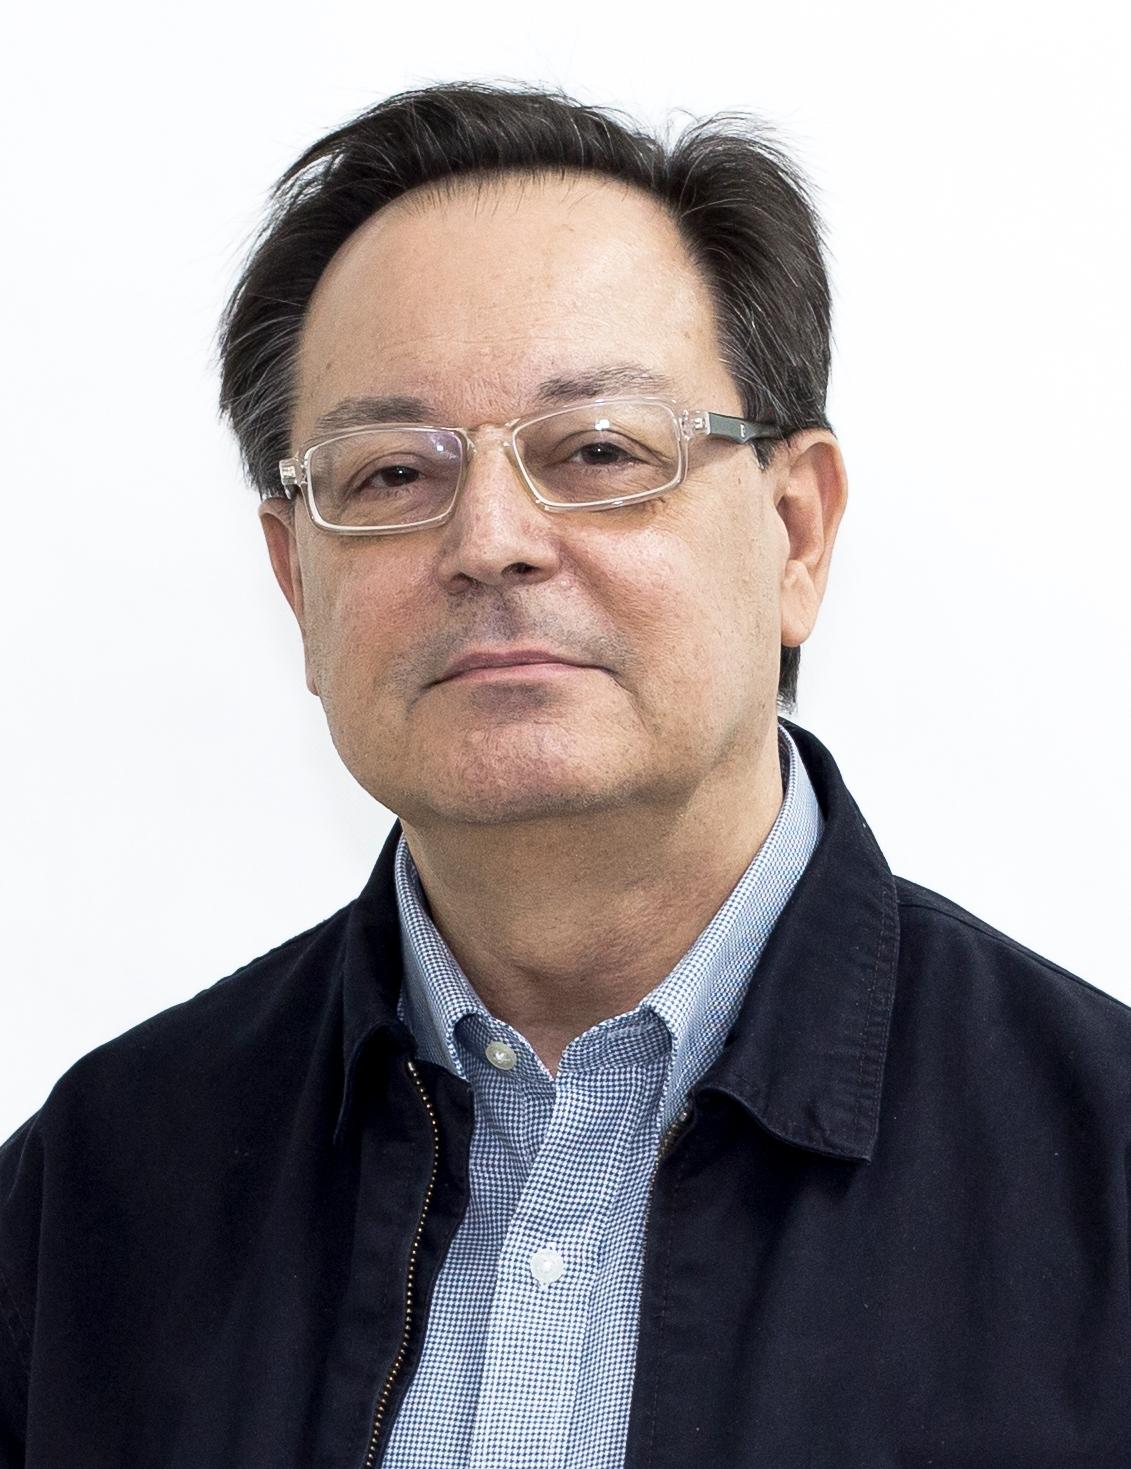 Eduardo Qualharini